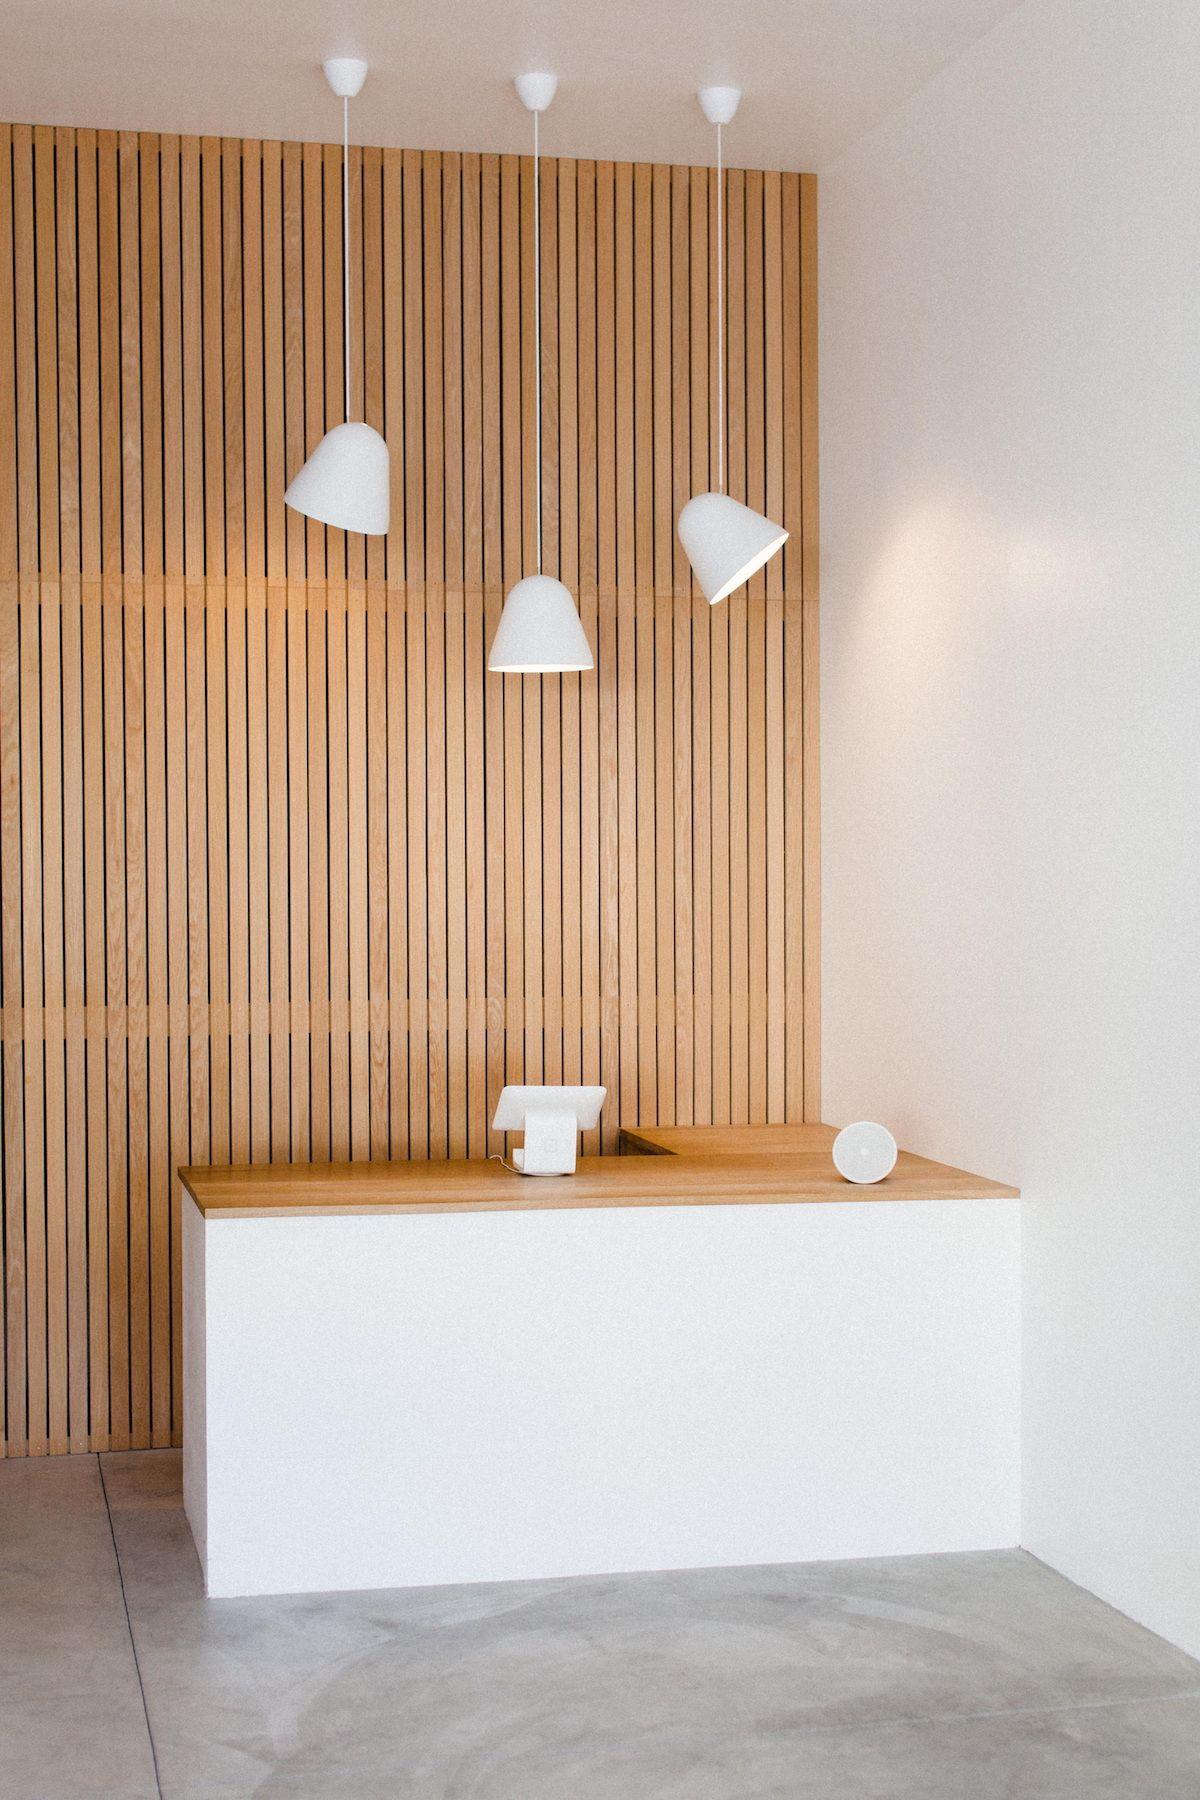 Minimal interior design inspiration Store interiors